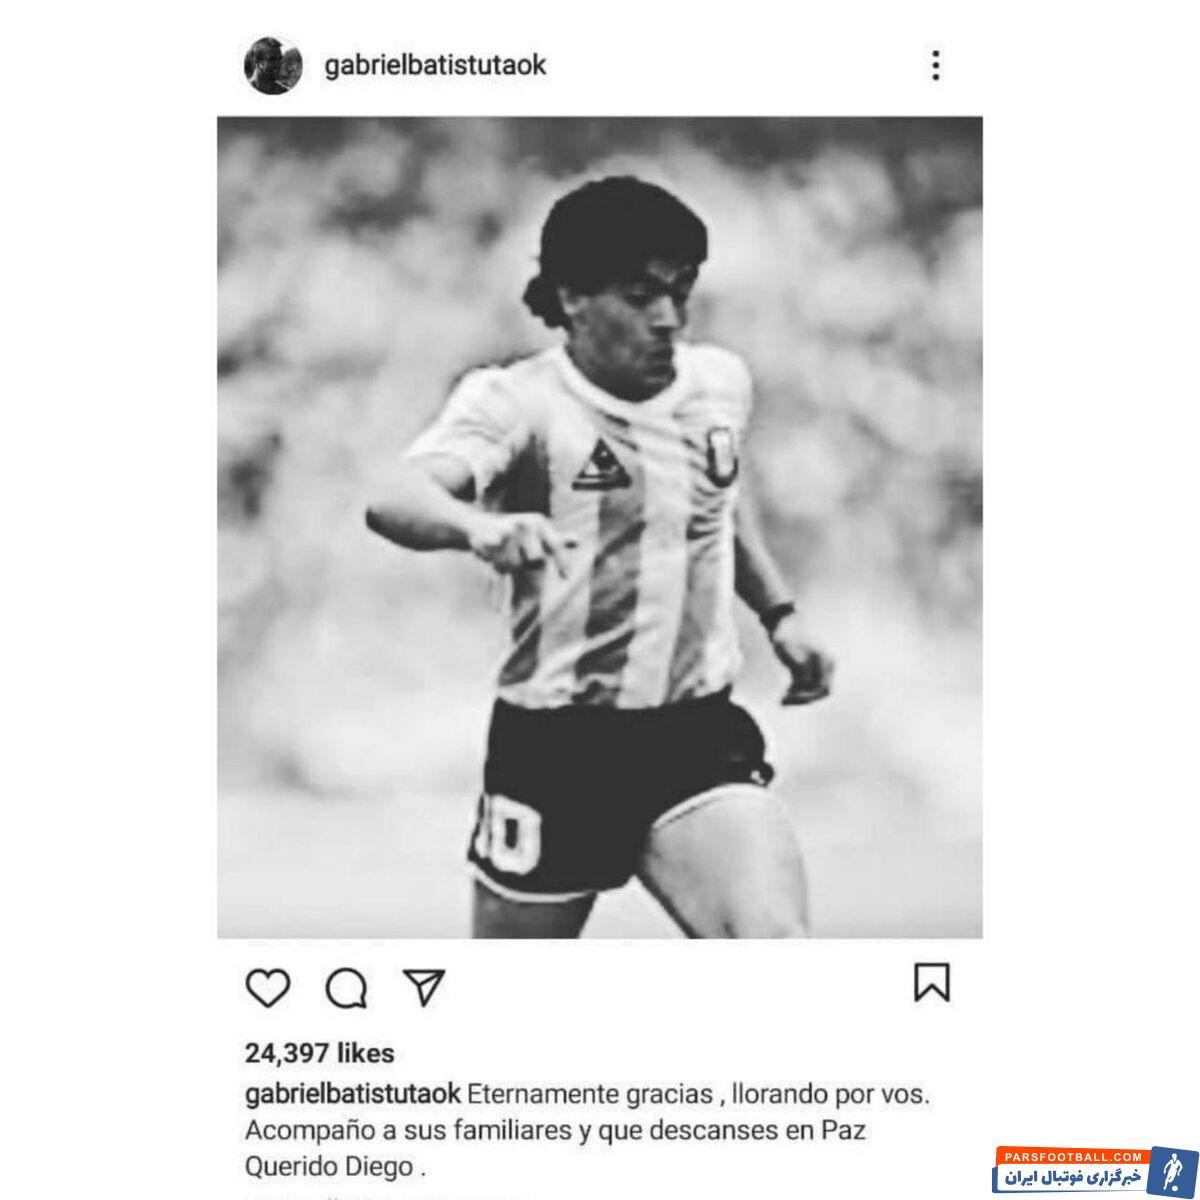 گابریل باتیستوتا پس از درگذشت دیگو مارادونا، با انتشار پستی در اینستاگرام نوشت: در کنار خانوادهات هستم و اشک میریزم، در آرامش باشی.